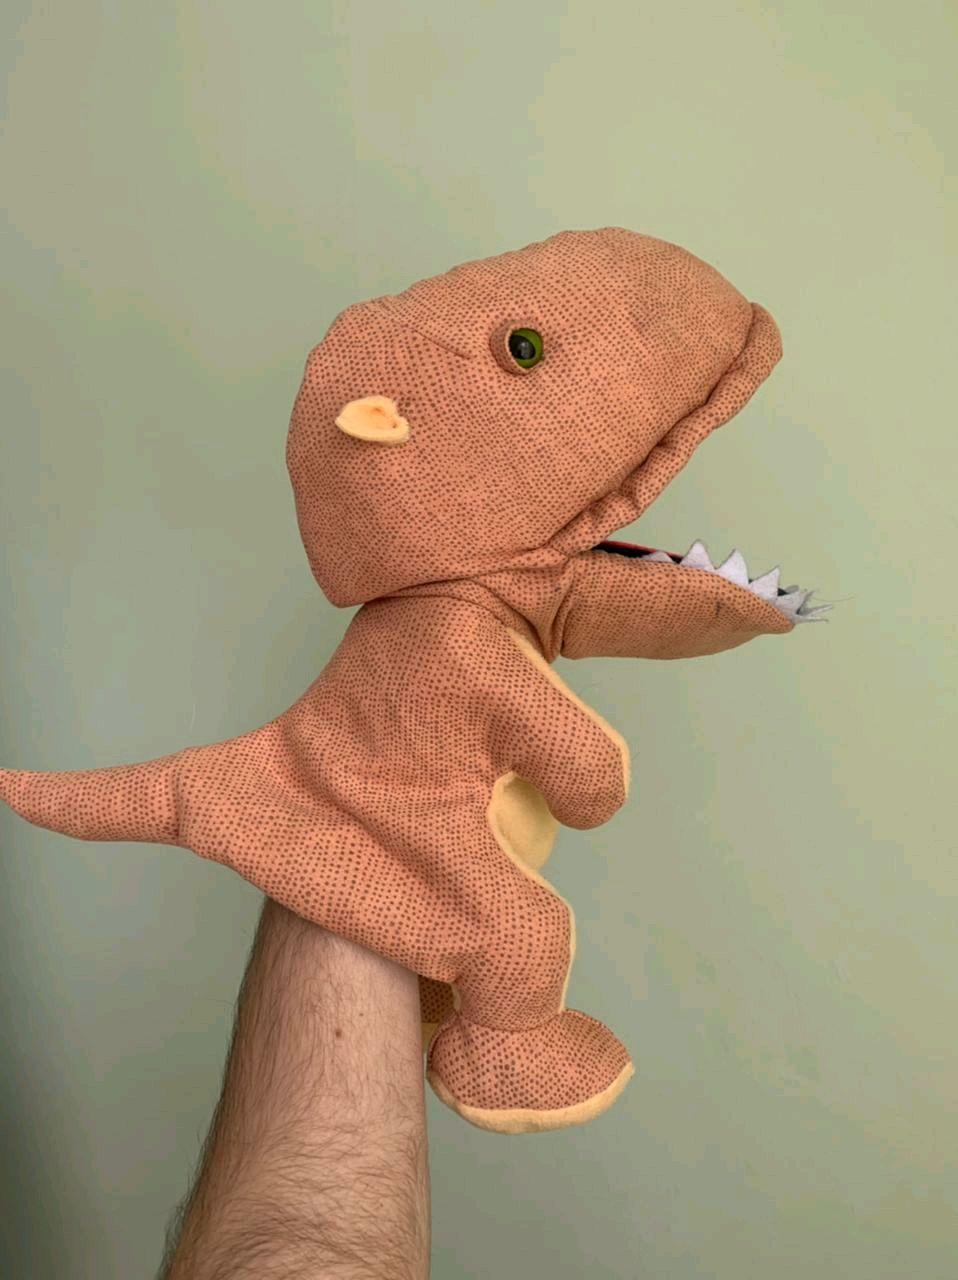 Перчаточная кукла Дракон (Динозавр)  с открывающиеся ртом, Кукольный театр, Дмитров,  Фото №1